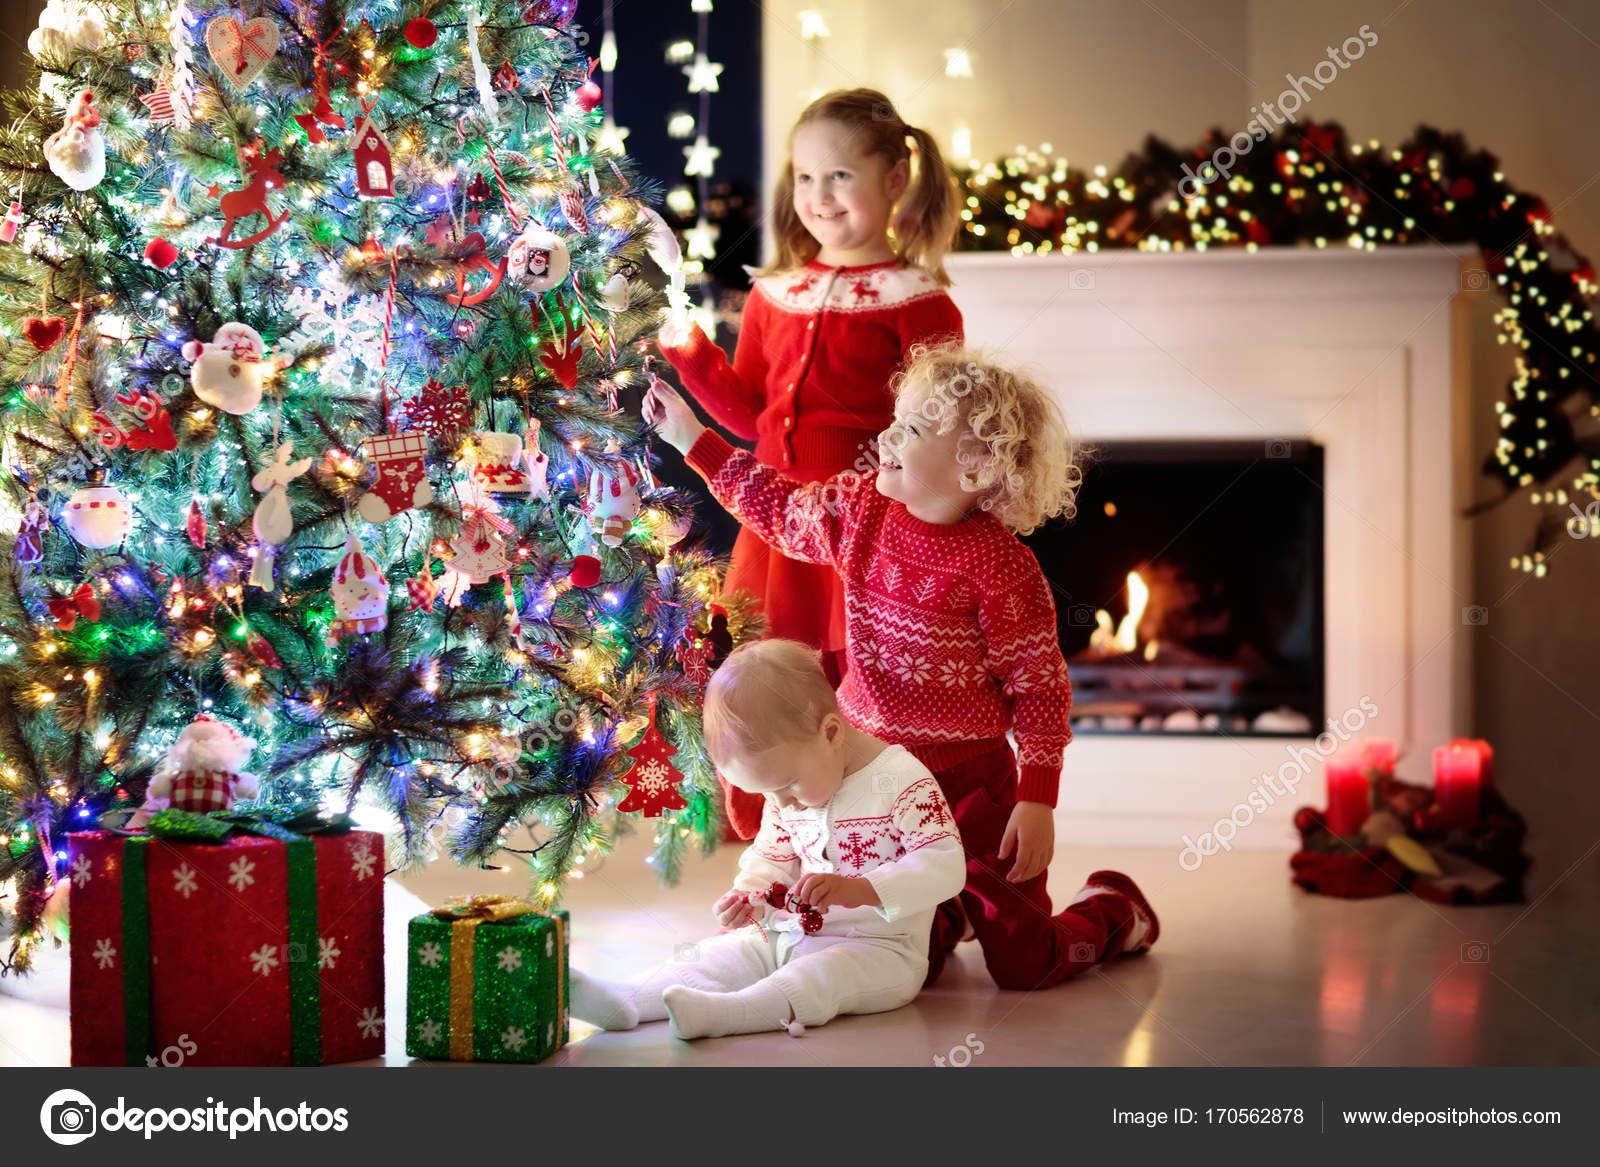 Kinder am weihnachtsbaum kinder am kamin am heiligabend for 2533 raumgestaltung und entwerfen